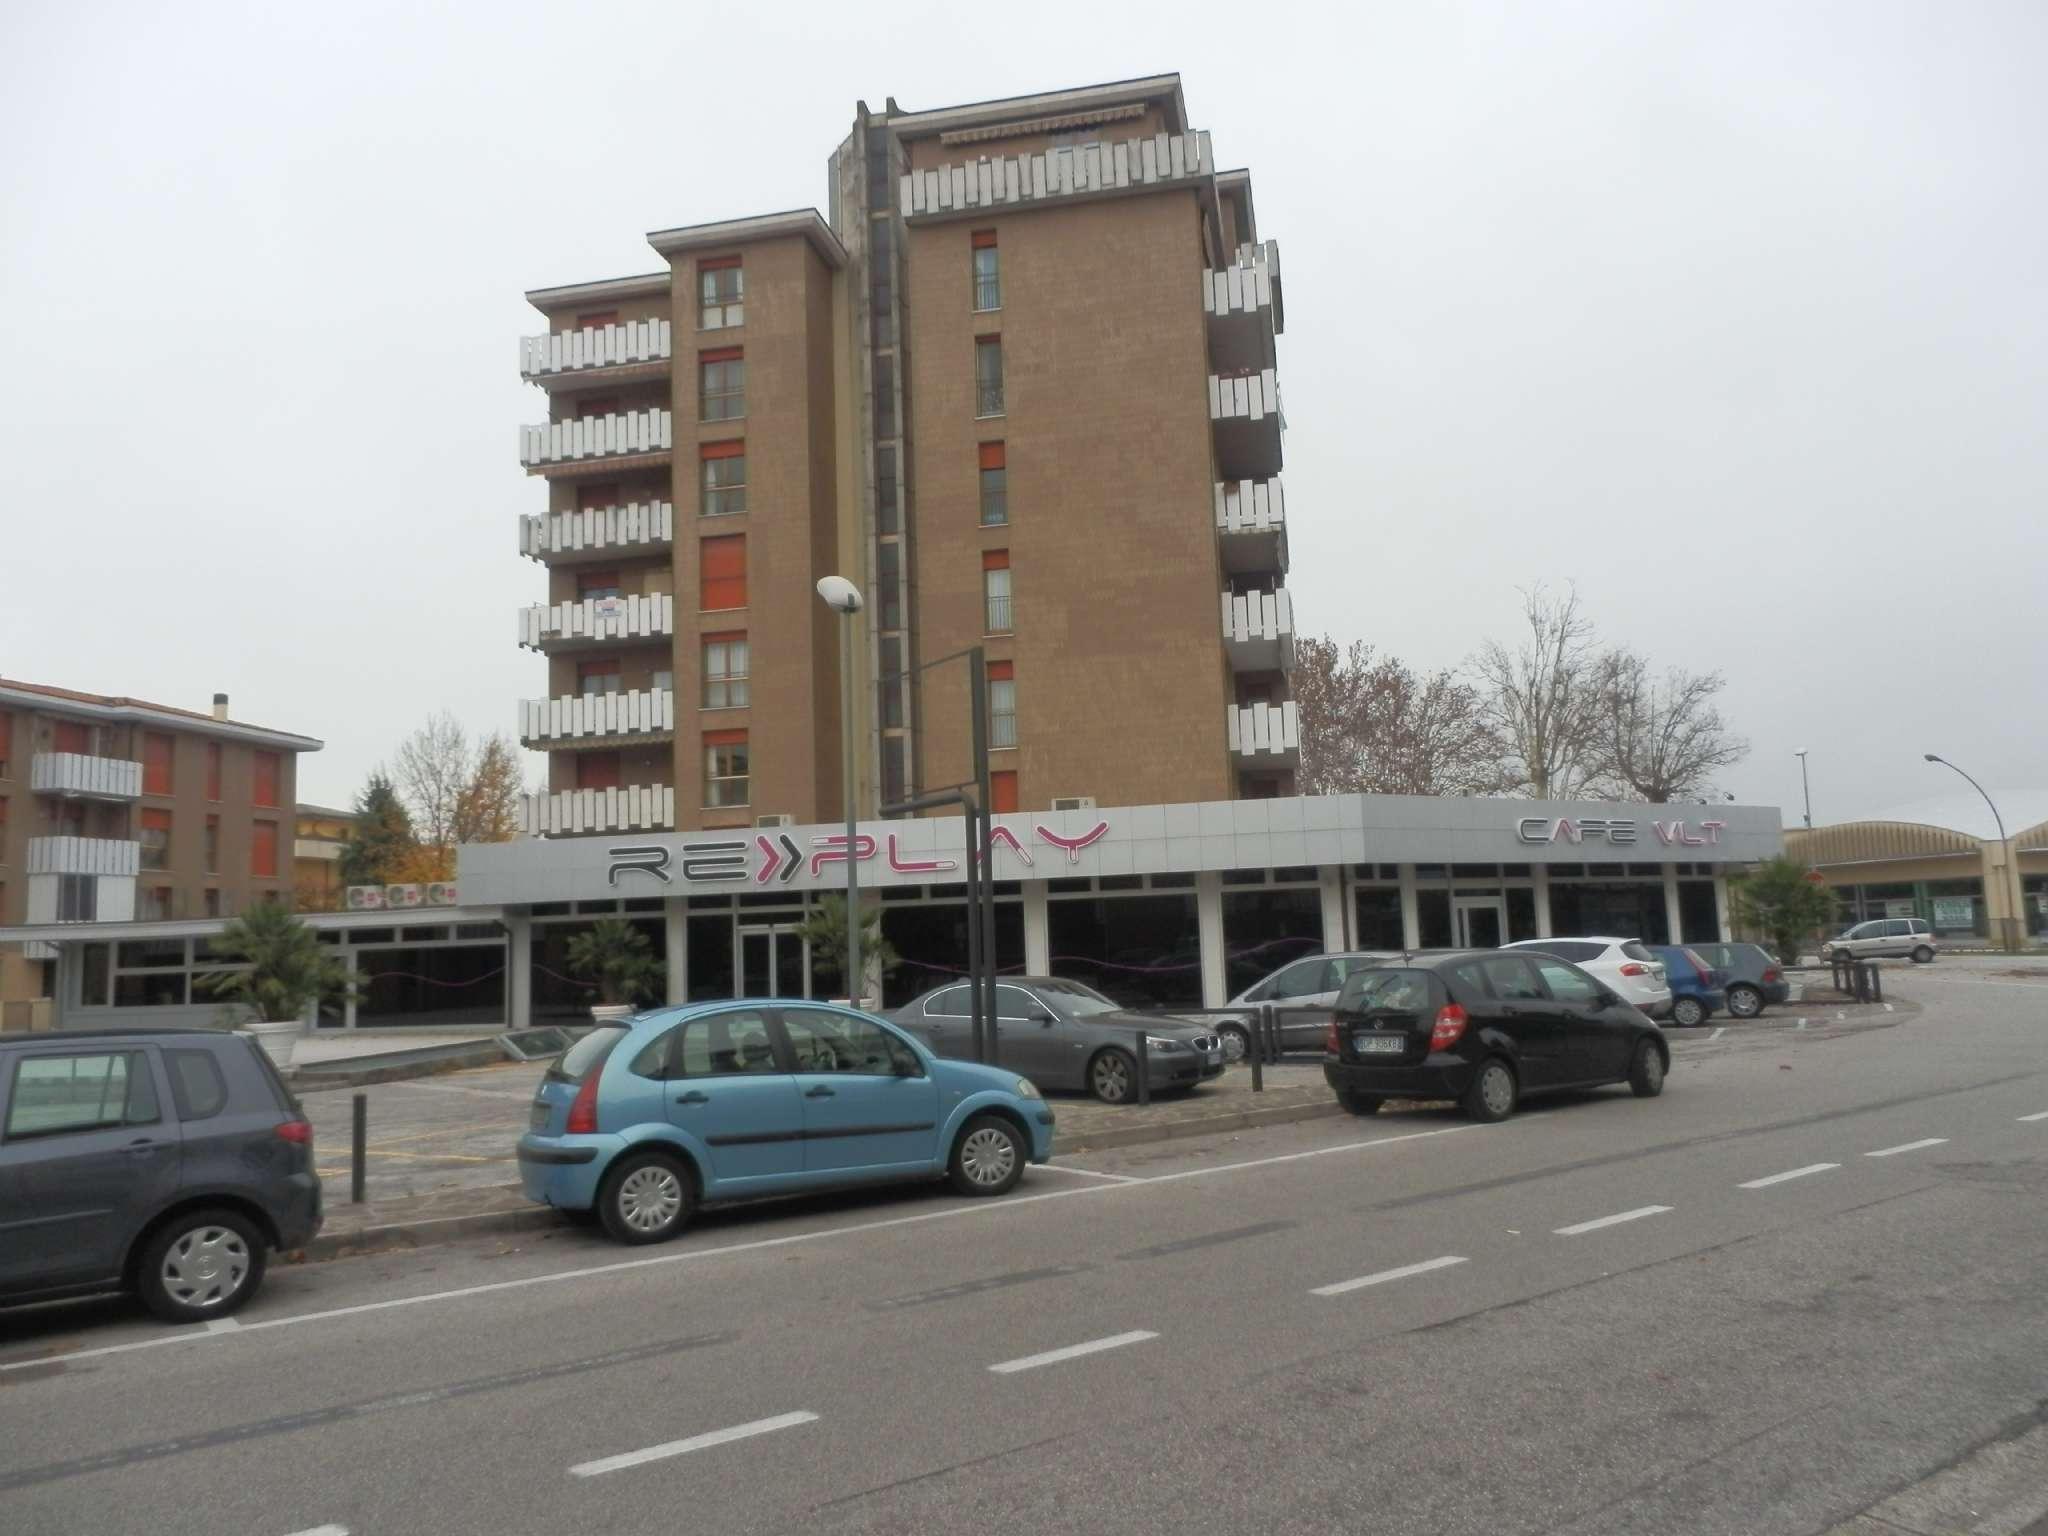 Ufficio / Studio in vendita a Conegliano, 7 locali, prezzo € 195.000 | CambioCasa.it